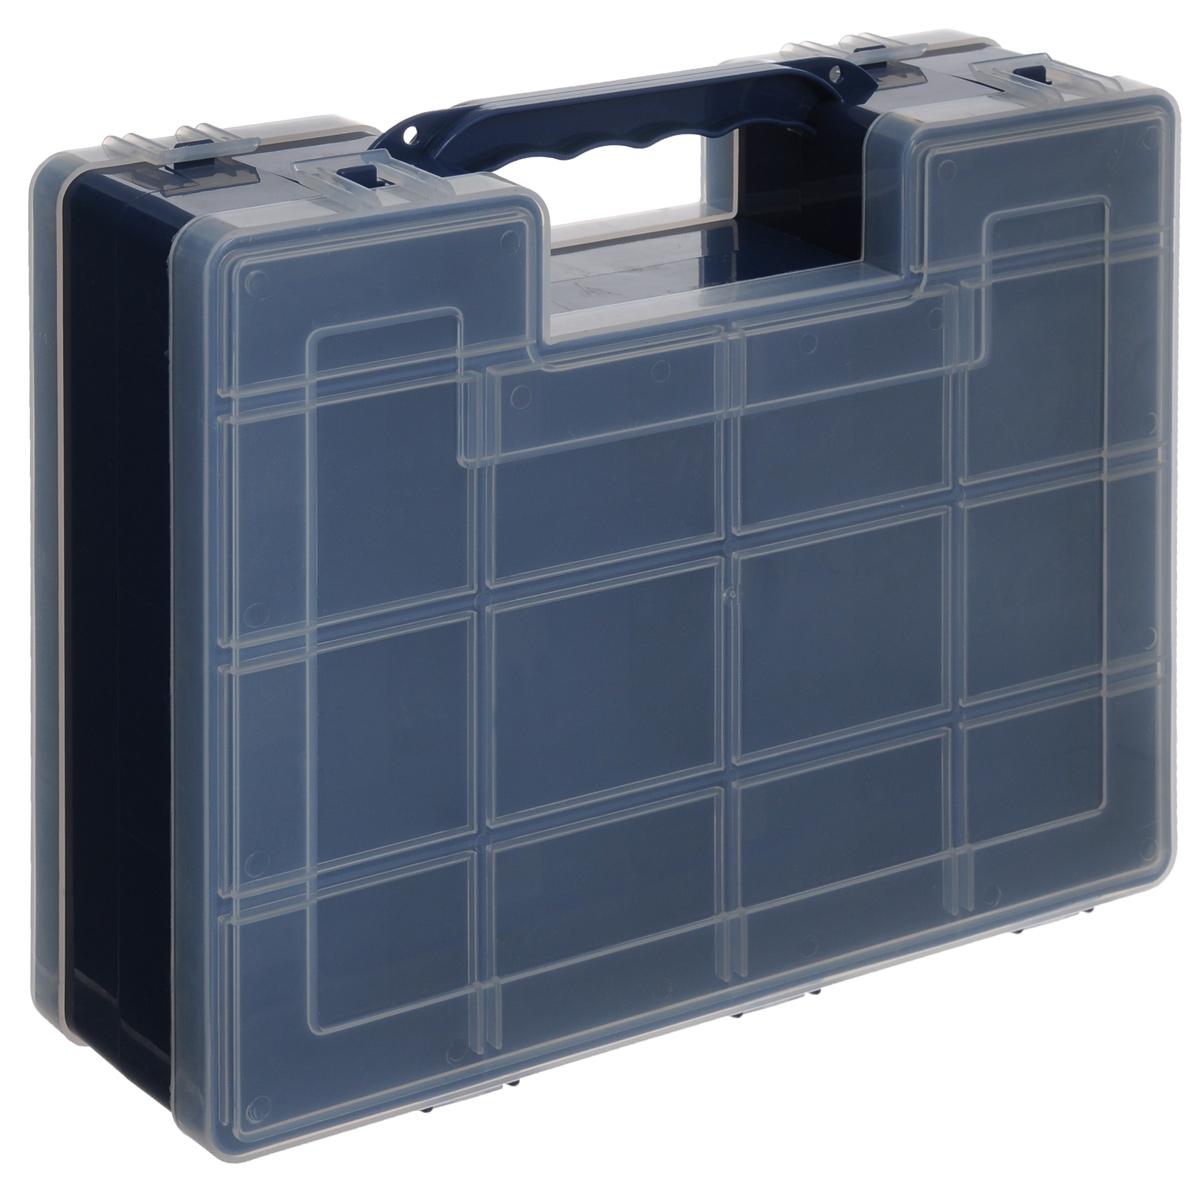 Органайзер для инструментов Idea, двухсторонний, цвет: синий, 27,2 см х 21,7 см х 6,7 смМ 2956_синийДвухсторонний органайзер Idea, изготовленный из пластика, выполнен в форме кейса. Органайзер служит для хранения и переноски инструментов. Внутри - 14 отделений с одной стороны и 9 с другой. Органайзер надежно закрывается при помощи пластмассовых защелок. Крышка выполнена из прозрачного пластика, что позволяет видеть содержимое. Размеры секций (лицевая сторона): - размер (12 секций): 6,6 см х 5,3 см х 3 см; - размер (2 секций): 8,1 см х 3,3 см х 3 см. Размеры секций (задняя сторона): - размер (2 секций): 13,2 см х 5,3 см х 3 см; - размер (1 секции): 26,6 см х 5,3 см х 3 см; - размер (4 секций): 6,6 см х 5,3 см х 3 см; - размер (2 секций): 8,1 см х 3,3 см х 3 см.